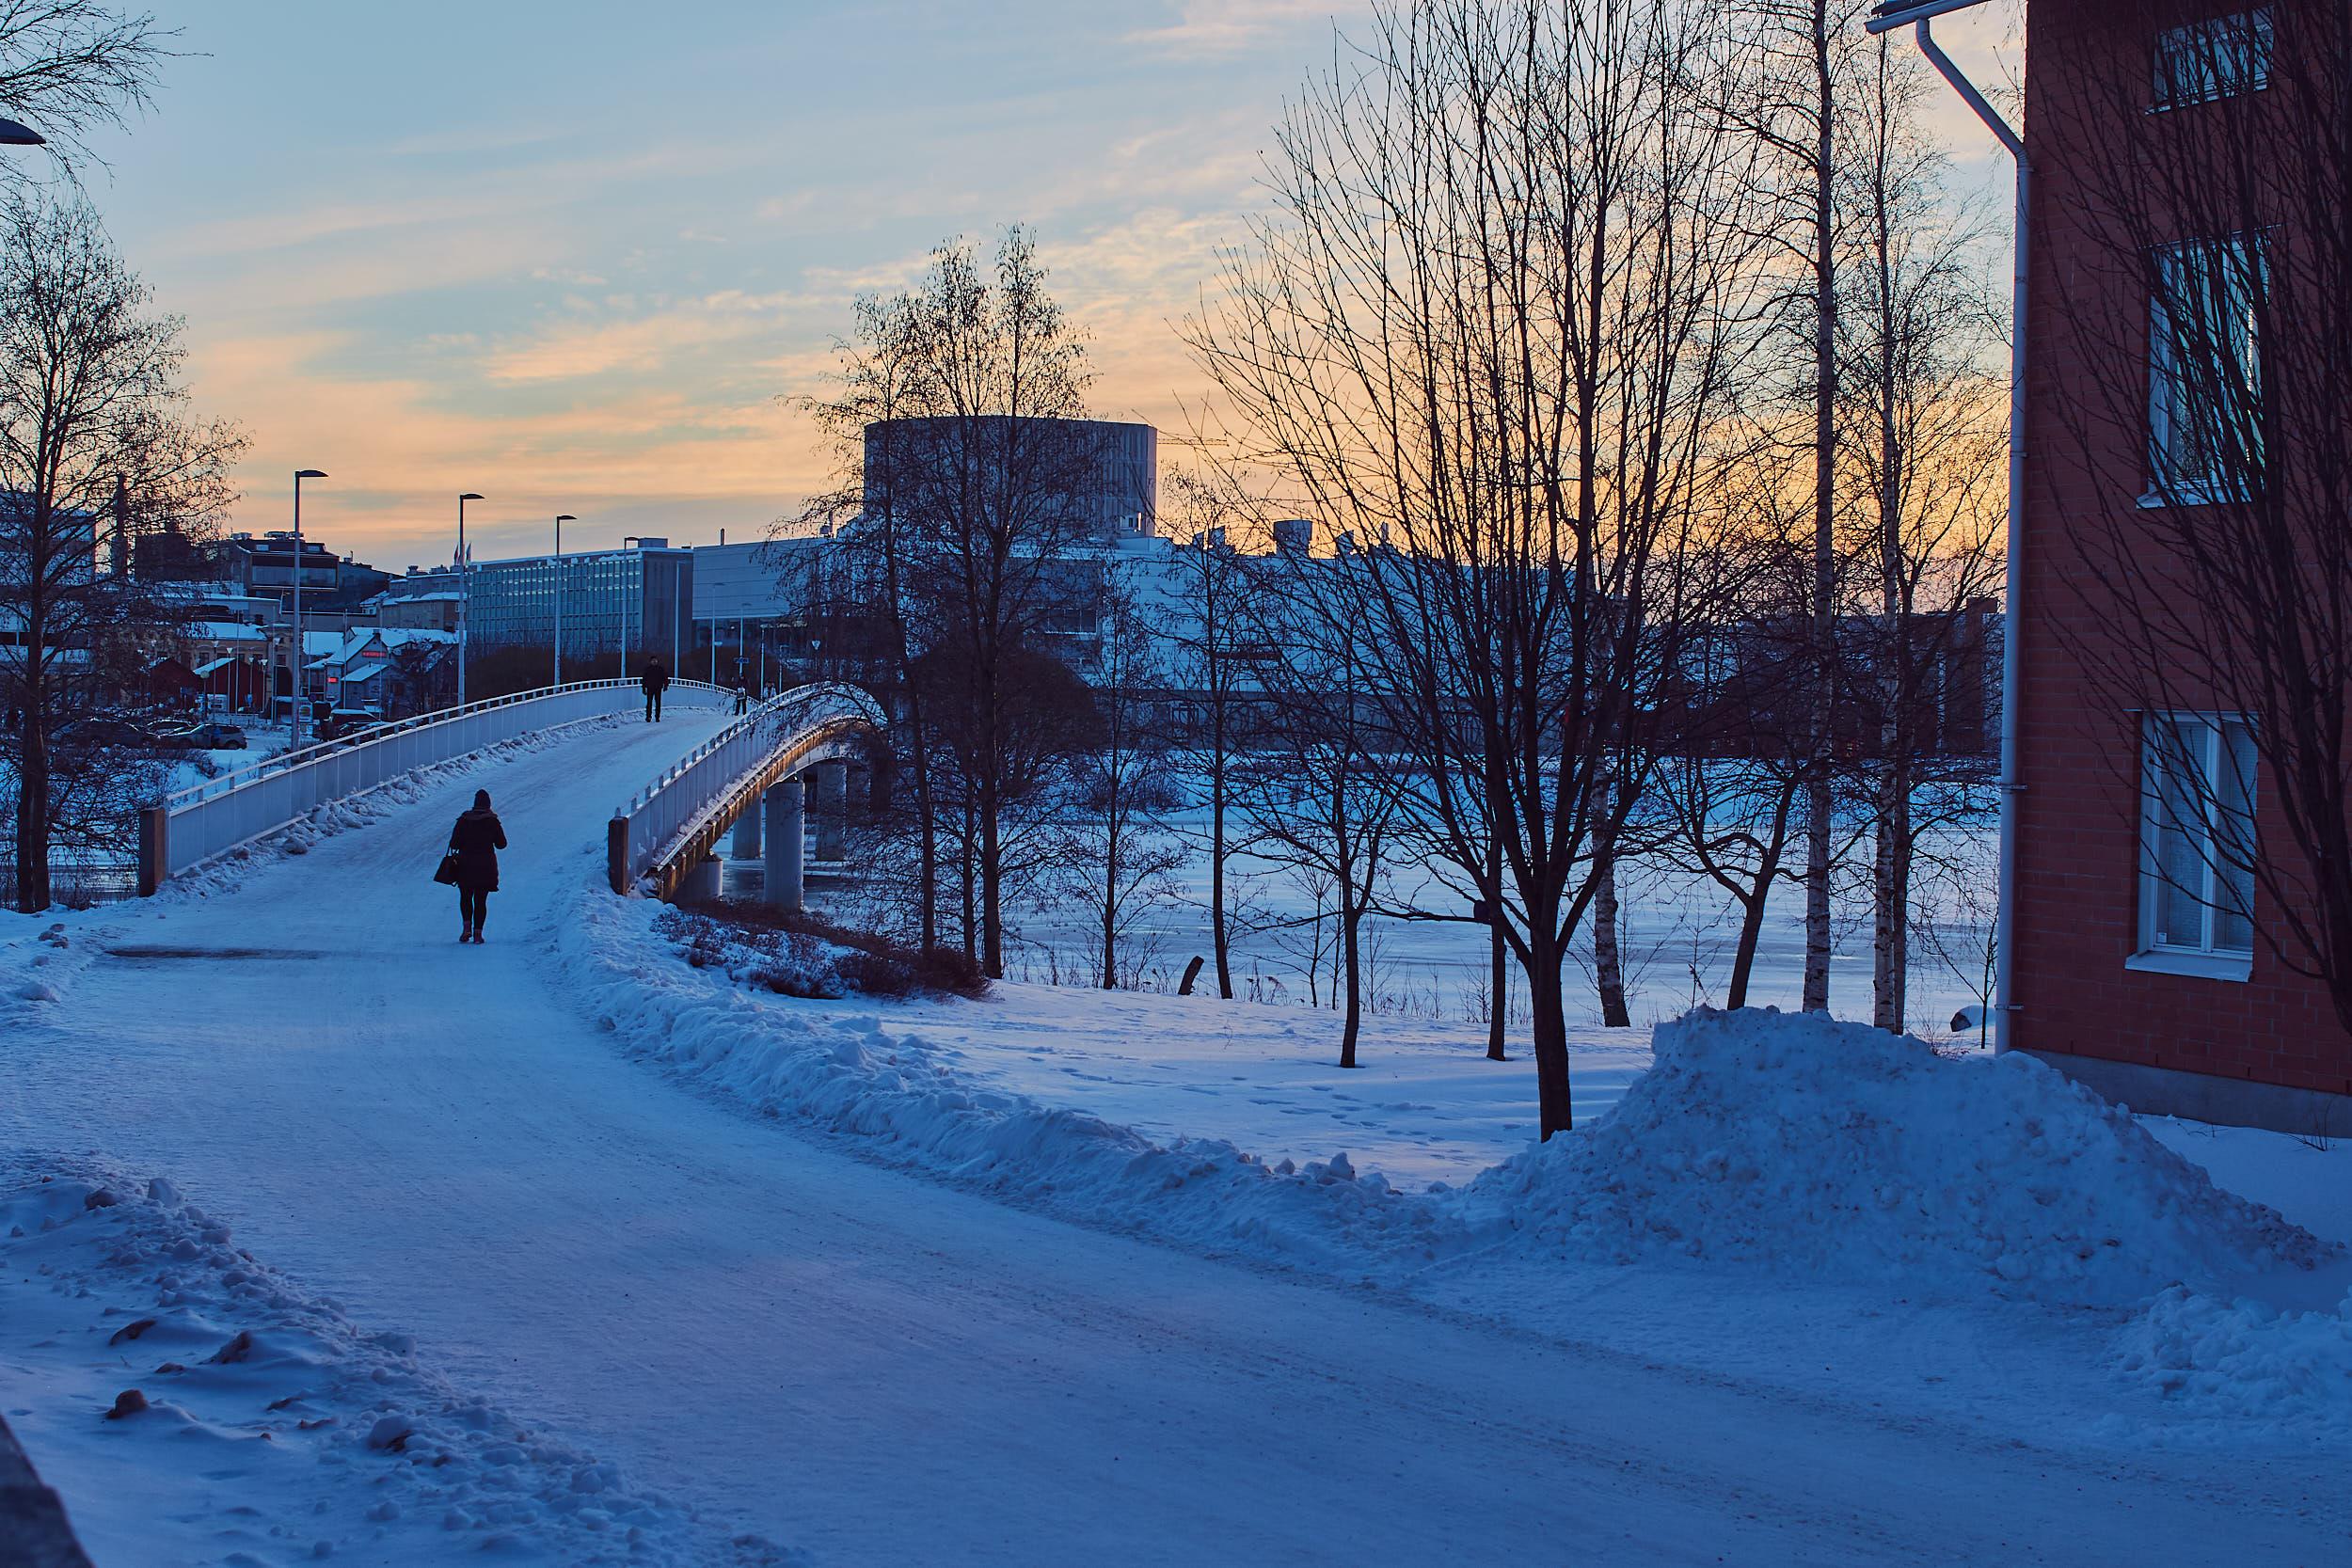 35 mm - 2019-01-07 11.48.44 - Oulu Week 2 Mix.jpg